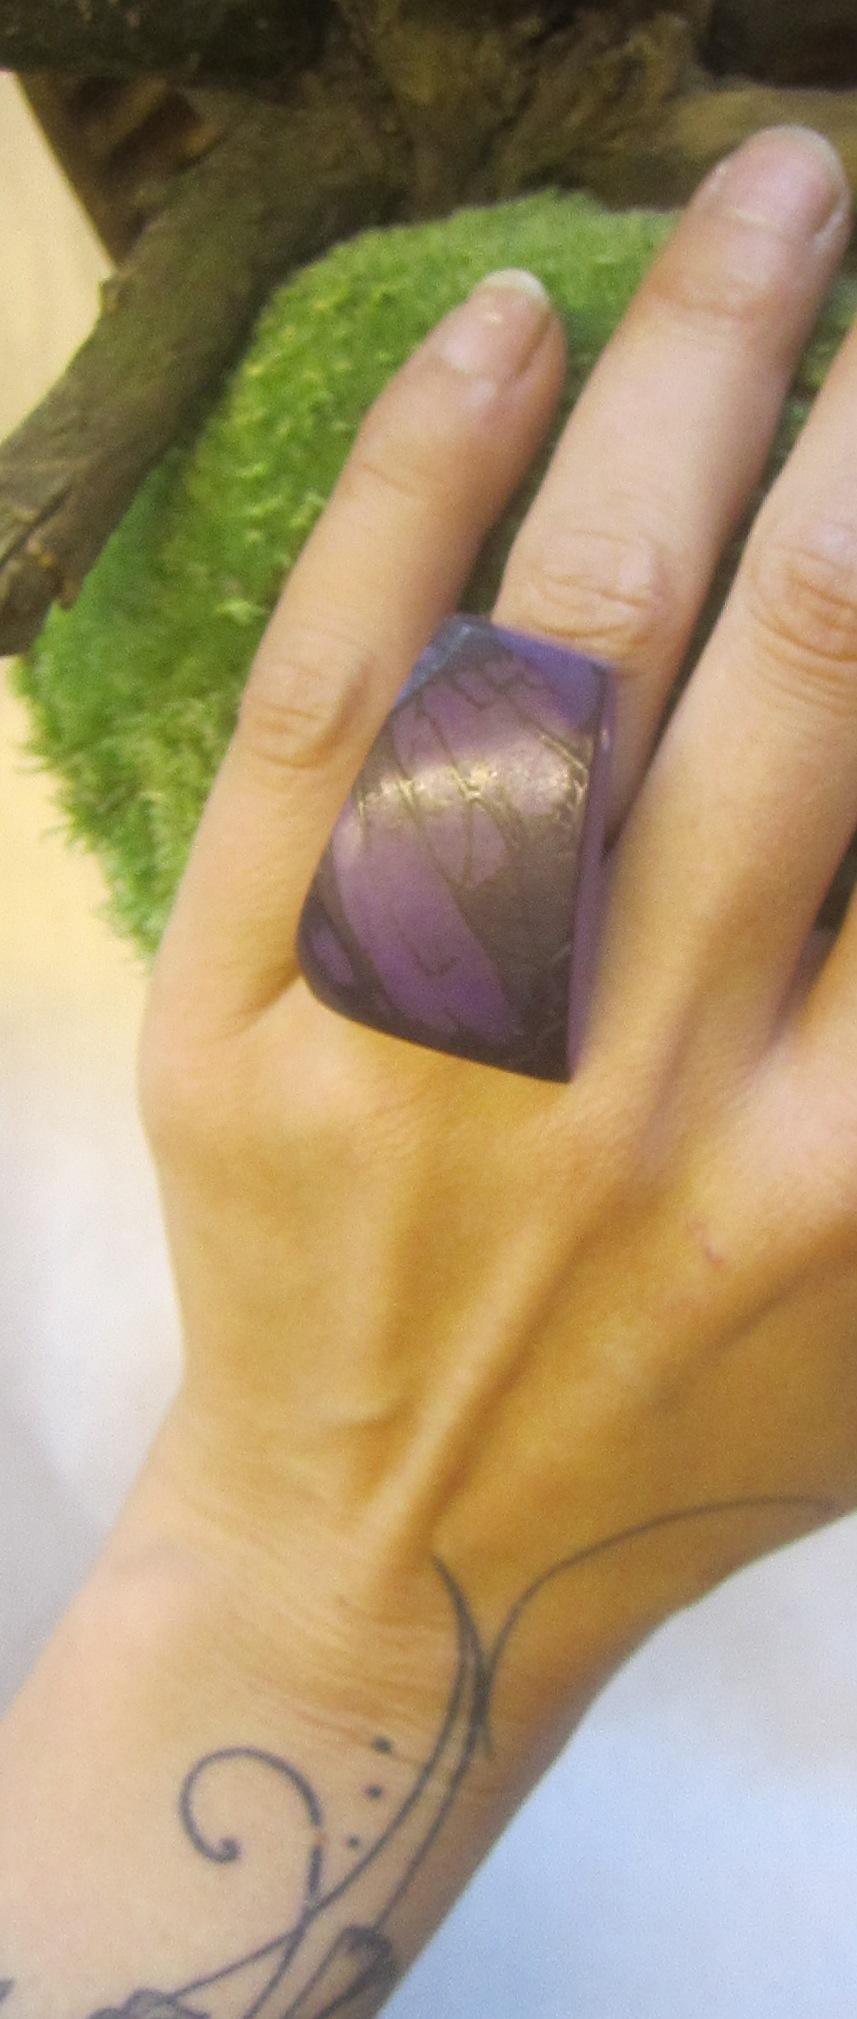 ivoire végétal teinté violet